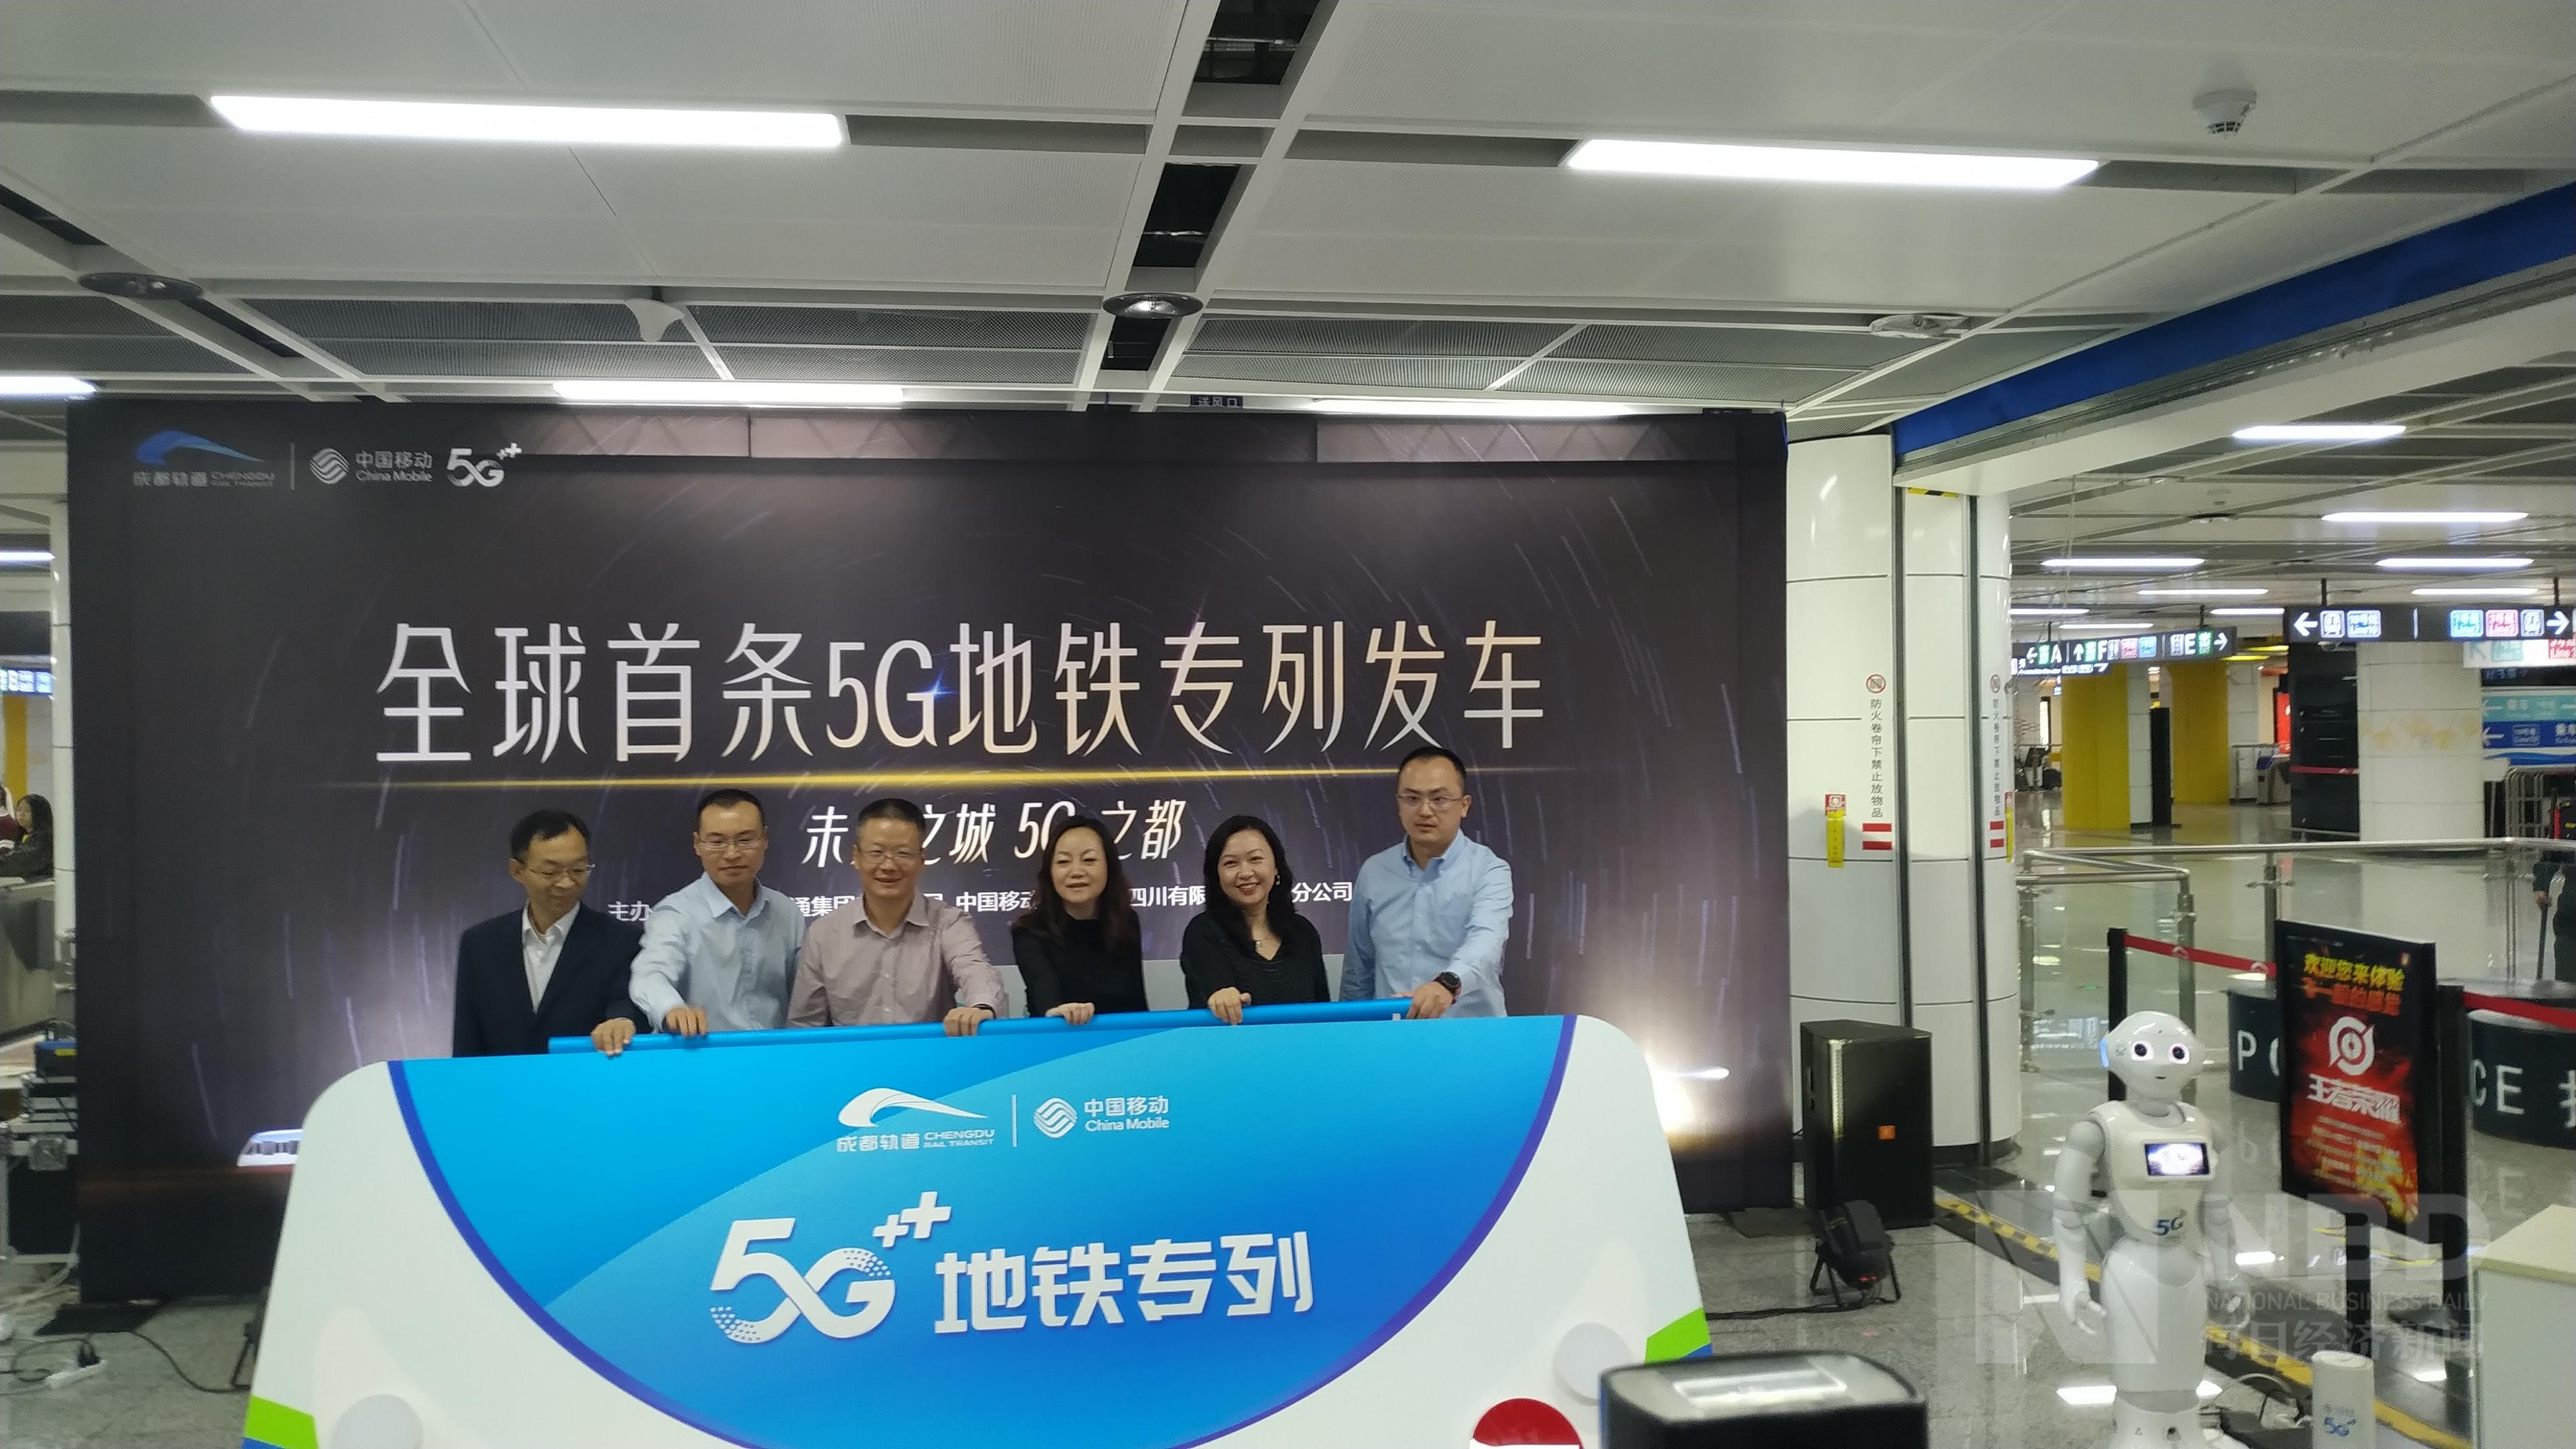 全球首条5G地铁在蓉投入运营 助力成都打造5G之都